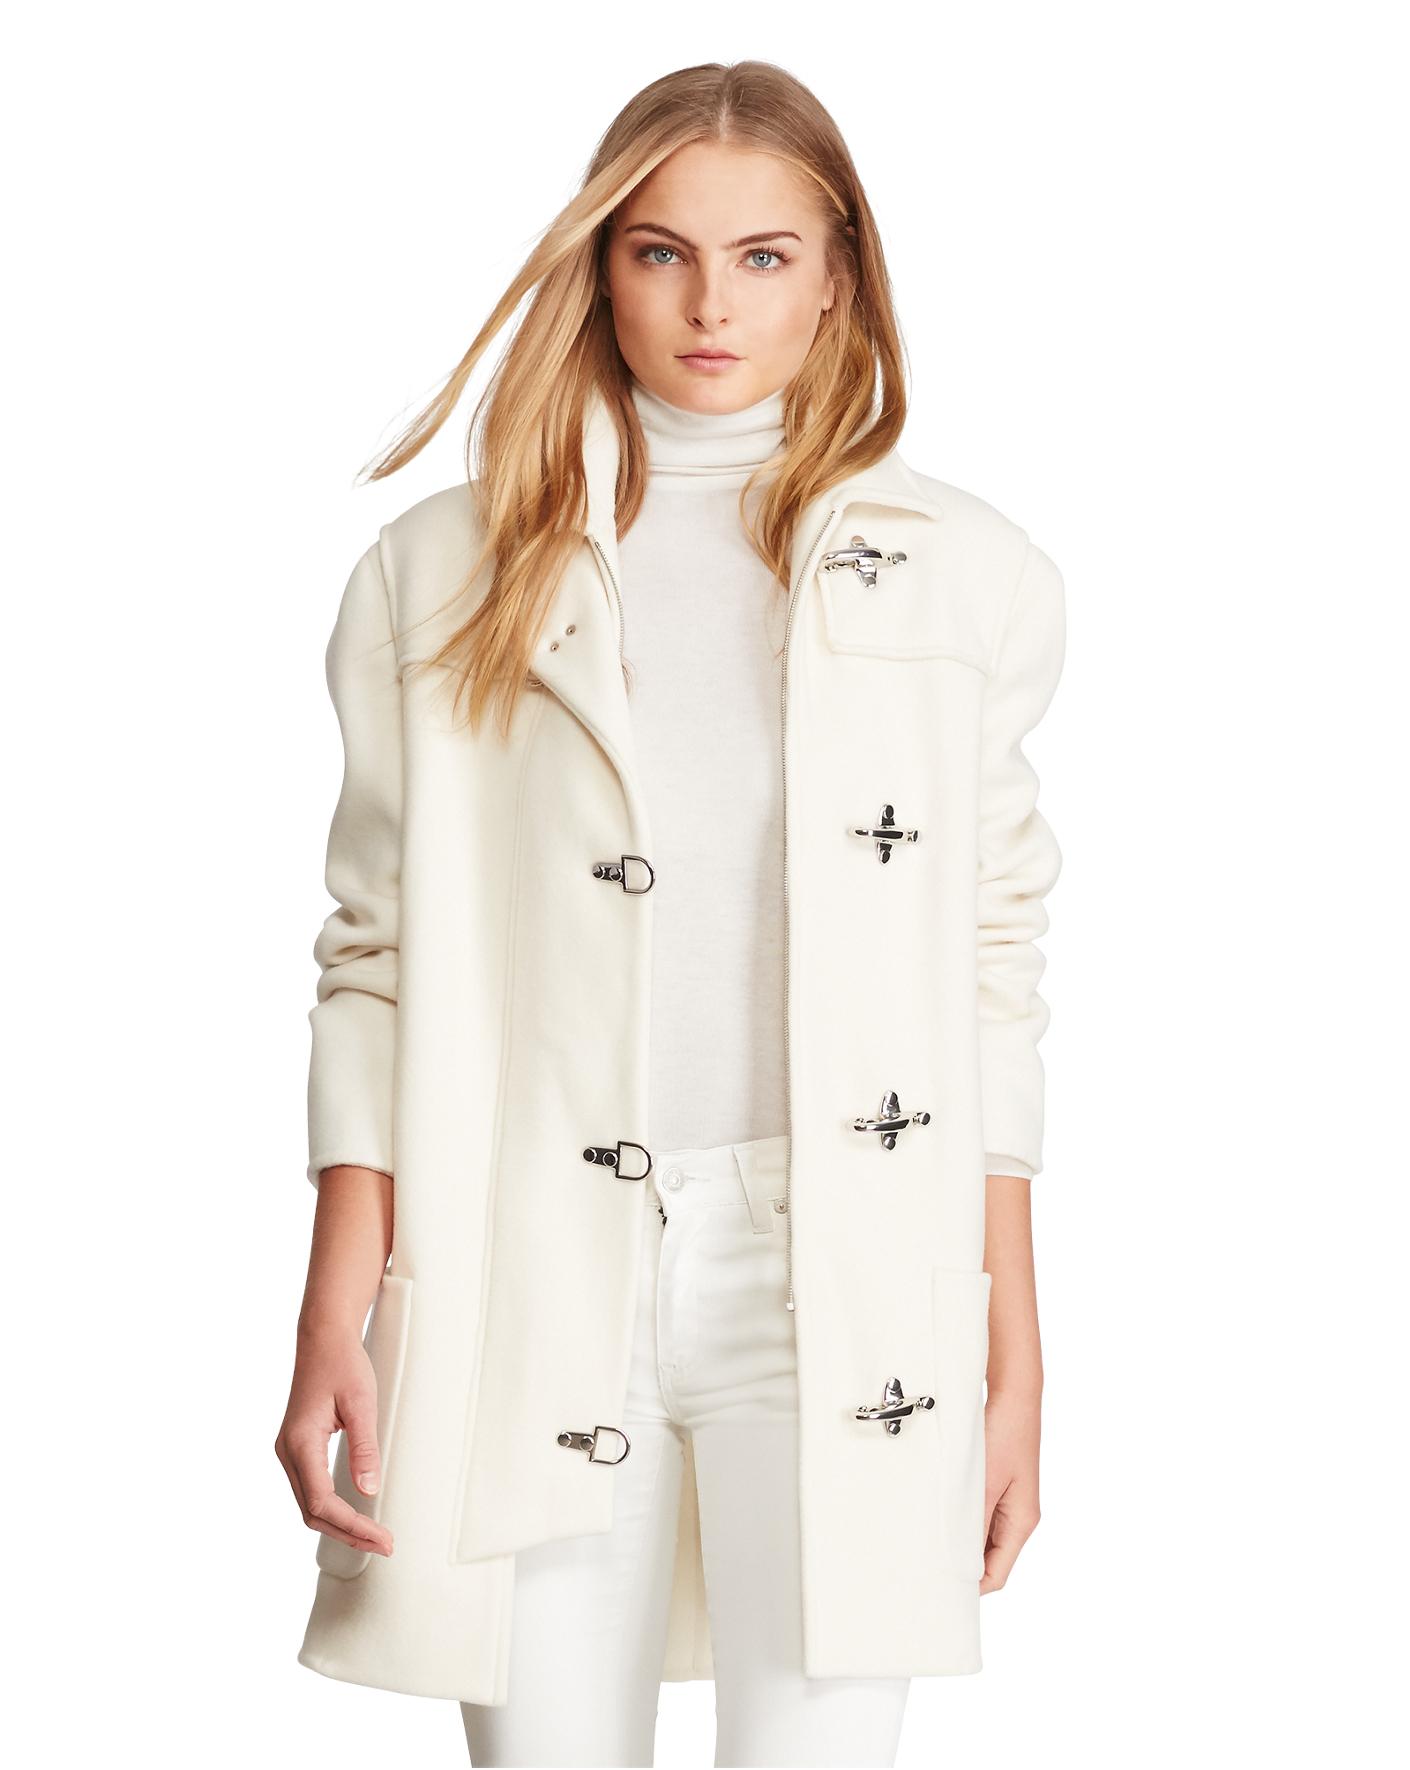 Women's Pea coats, Wool Trench Coats, & Puffer Vests | Ralph Lauren